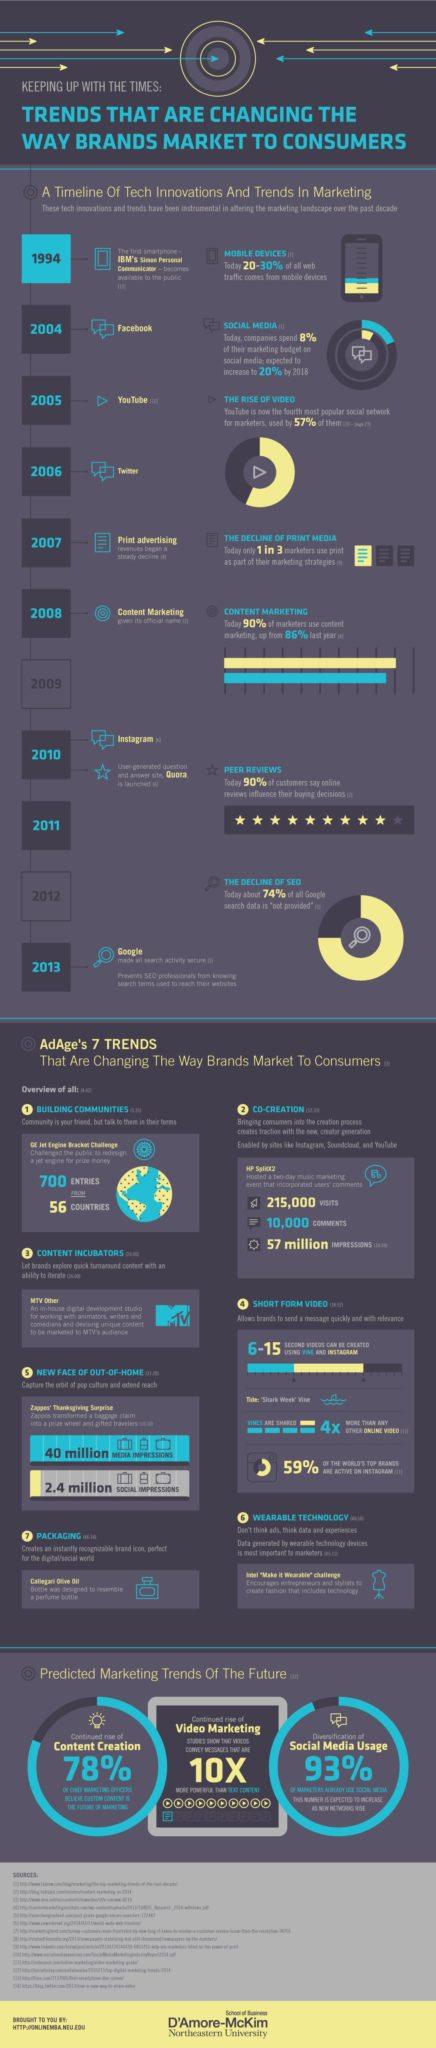 trends-brands-market-cosumers